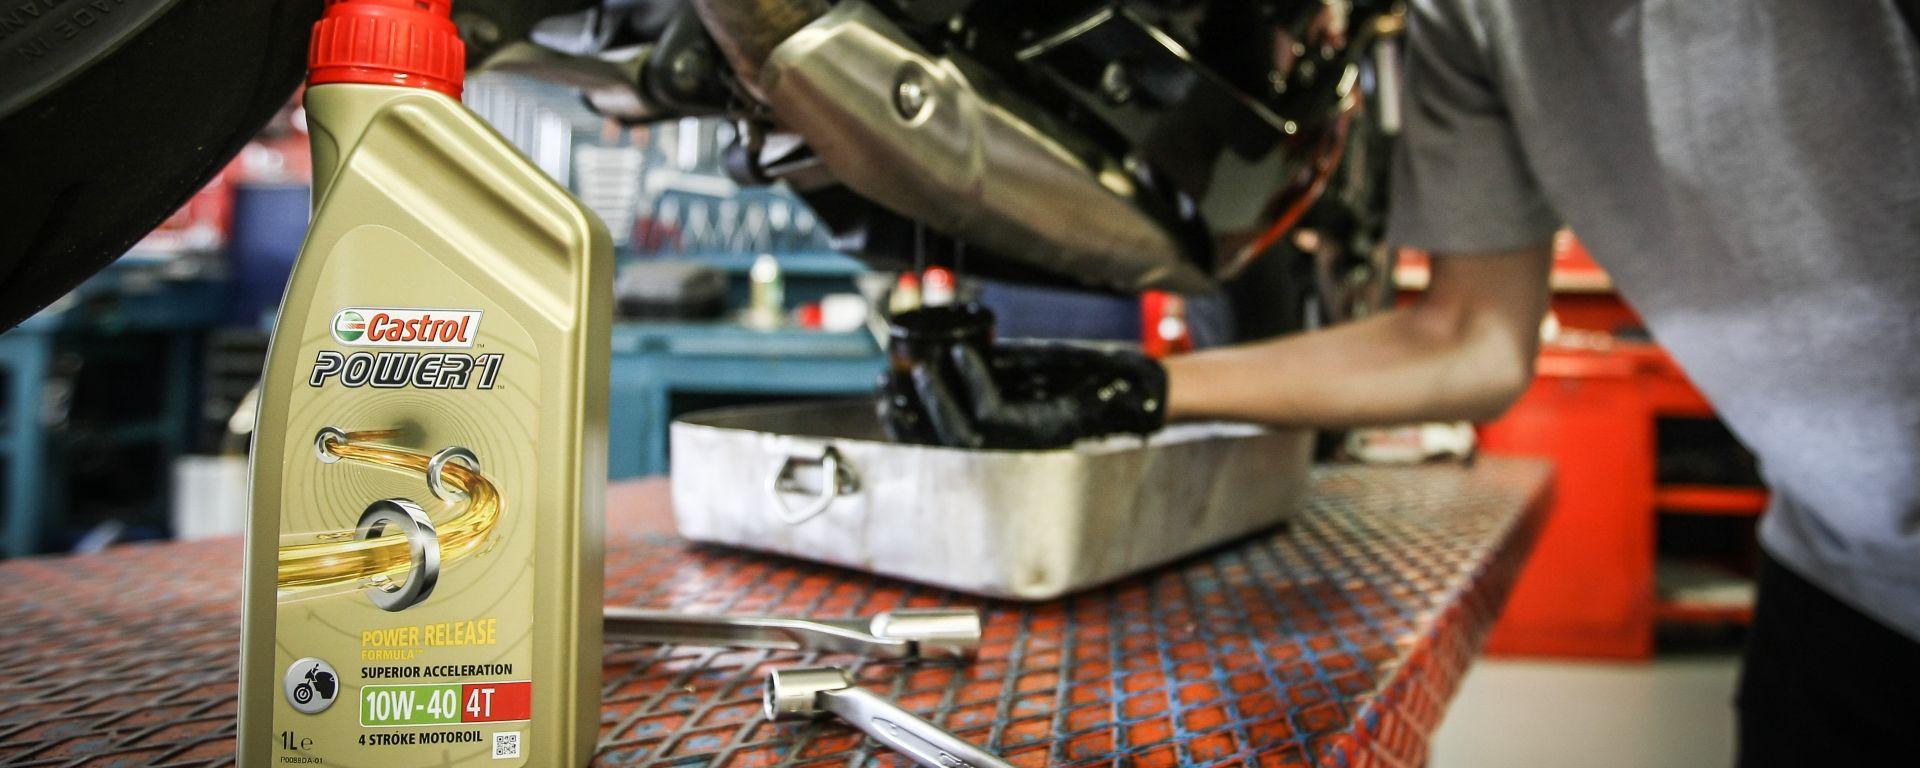 Cambio olio moto, lubrificante Castrol Power1